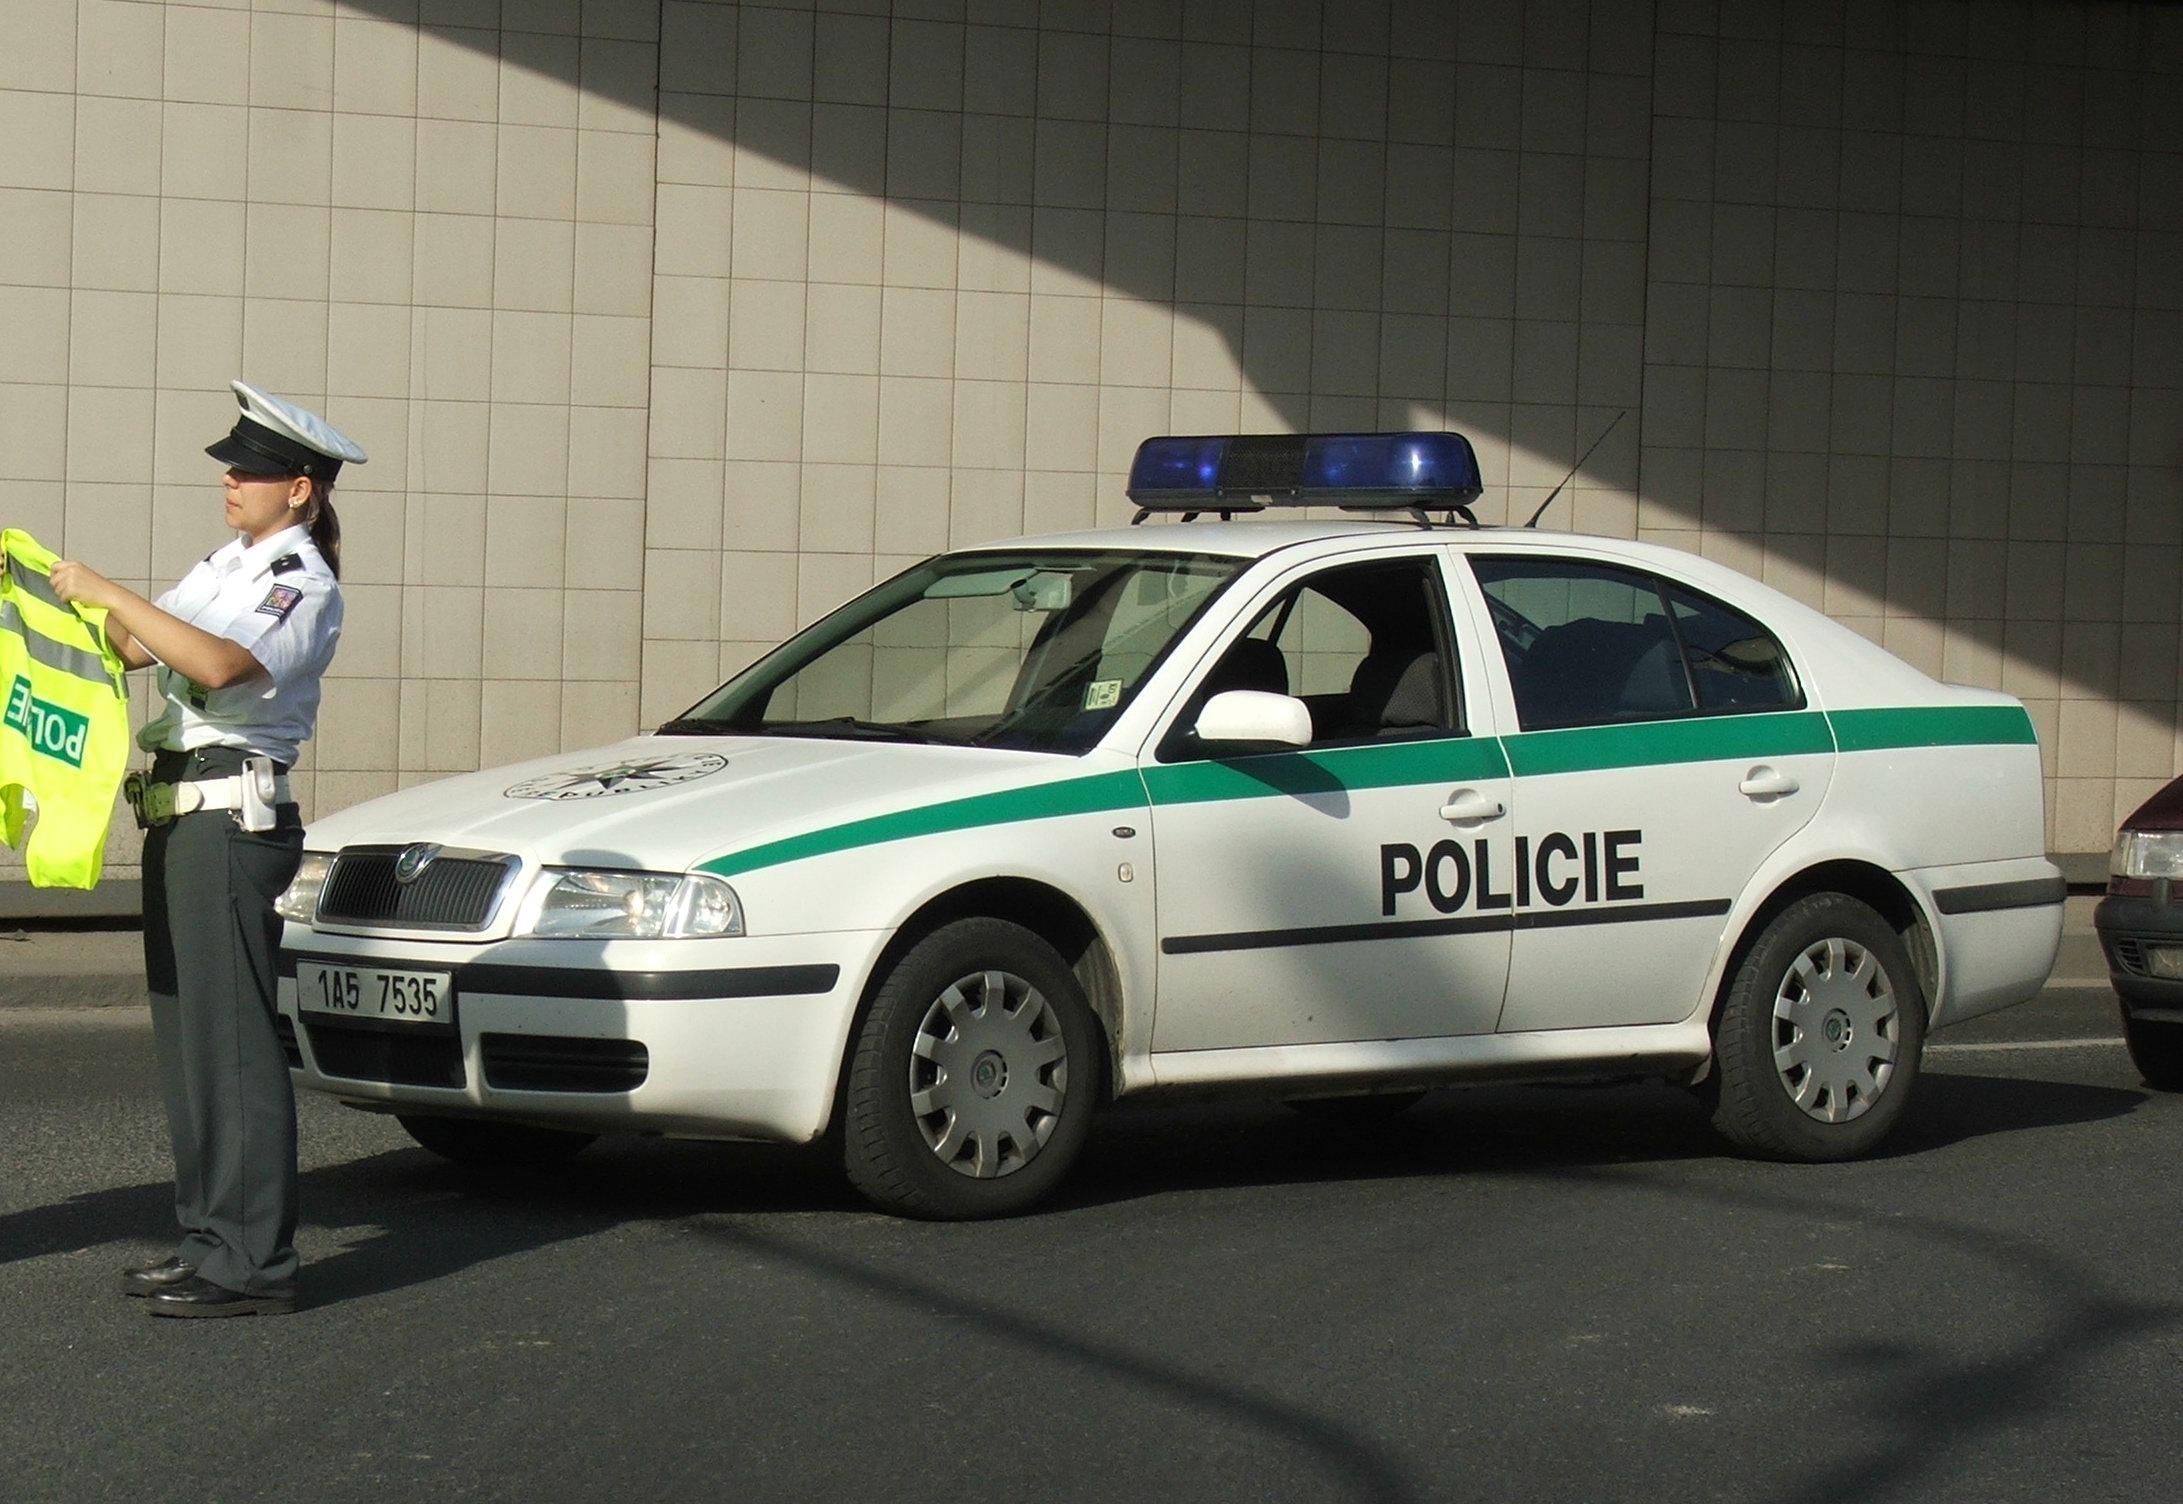 Skoda au service de la police - Page 2 Skoda_octavia_czech_police_4503